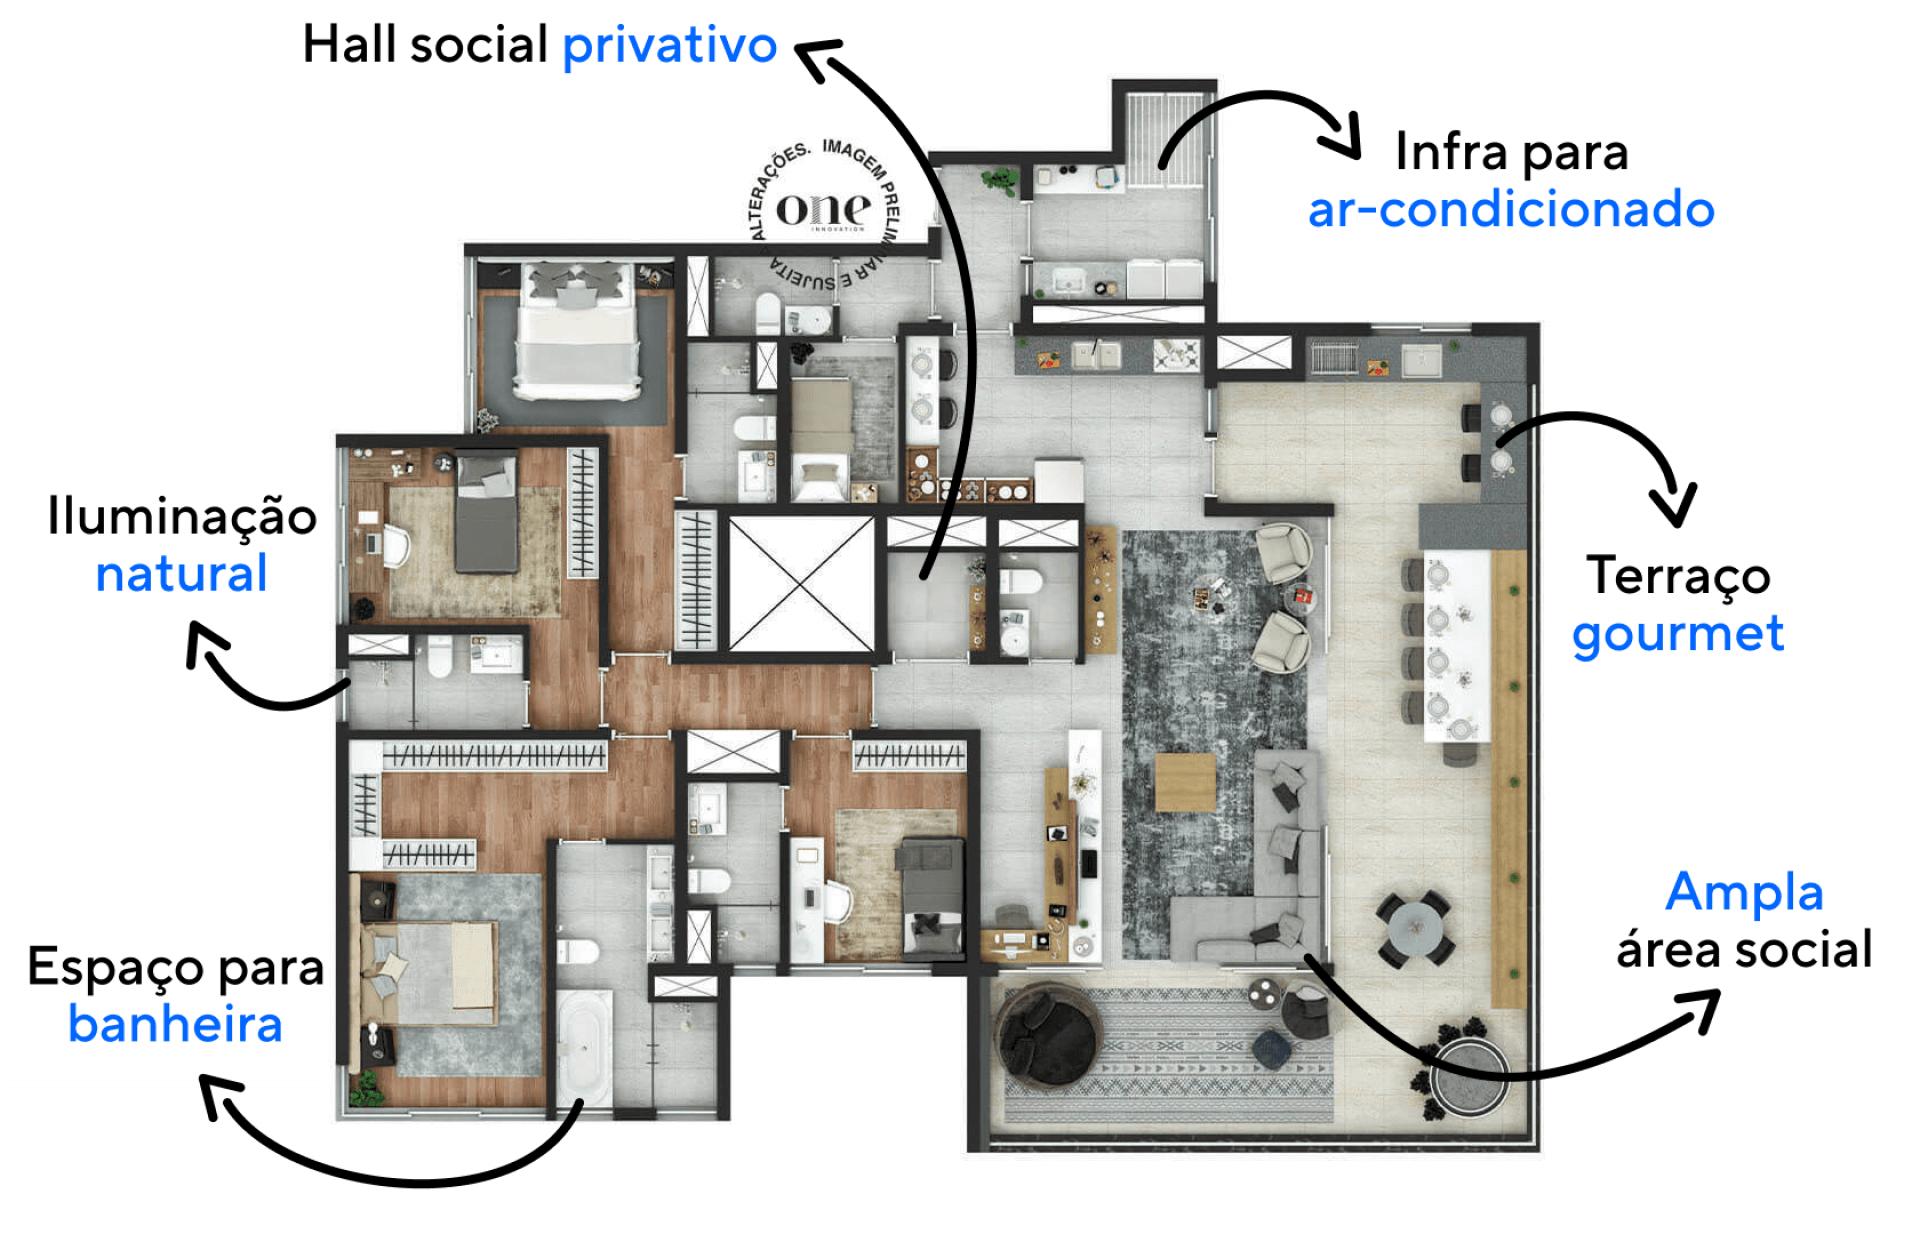 230 M² - 4 SUÍTES. Apartamentos com hall social privativo dando acesso direto a unidade. O amplo terraço gourmet possibilita diversas configurações, assim você pode criar ambientes estendendo sua área social interna.